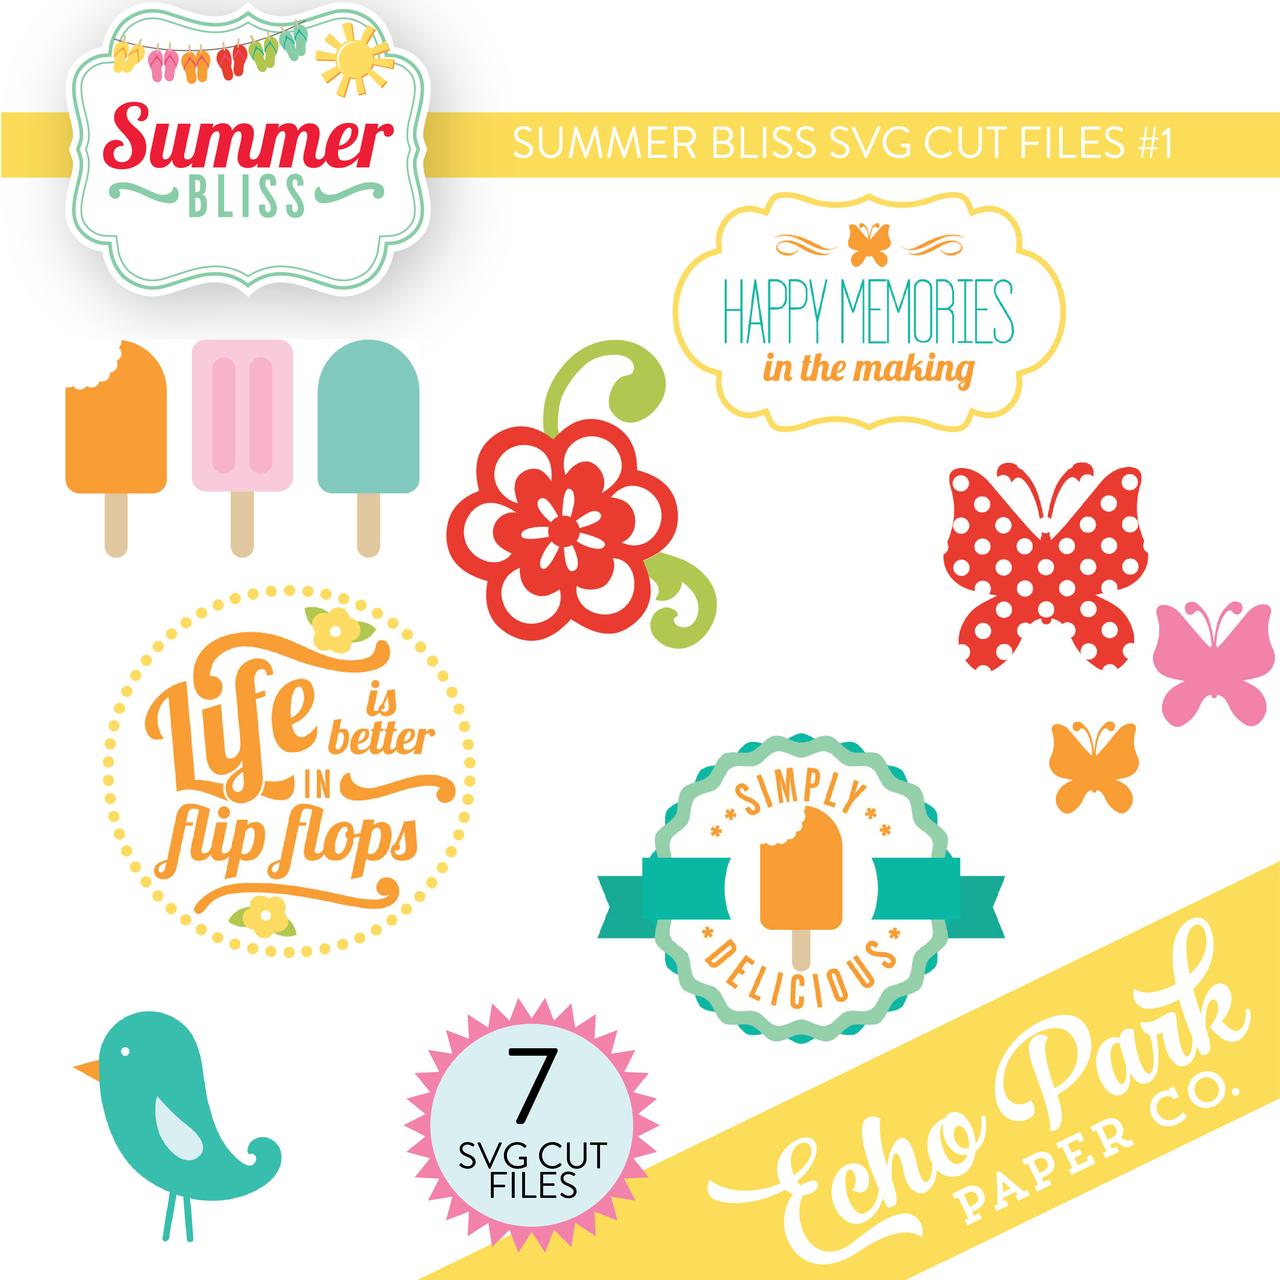 Summer Bliss SVG Cut Files #1